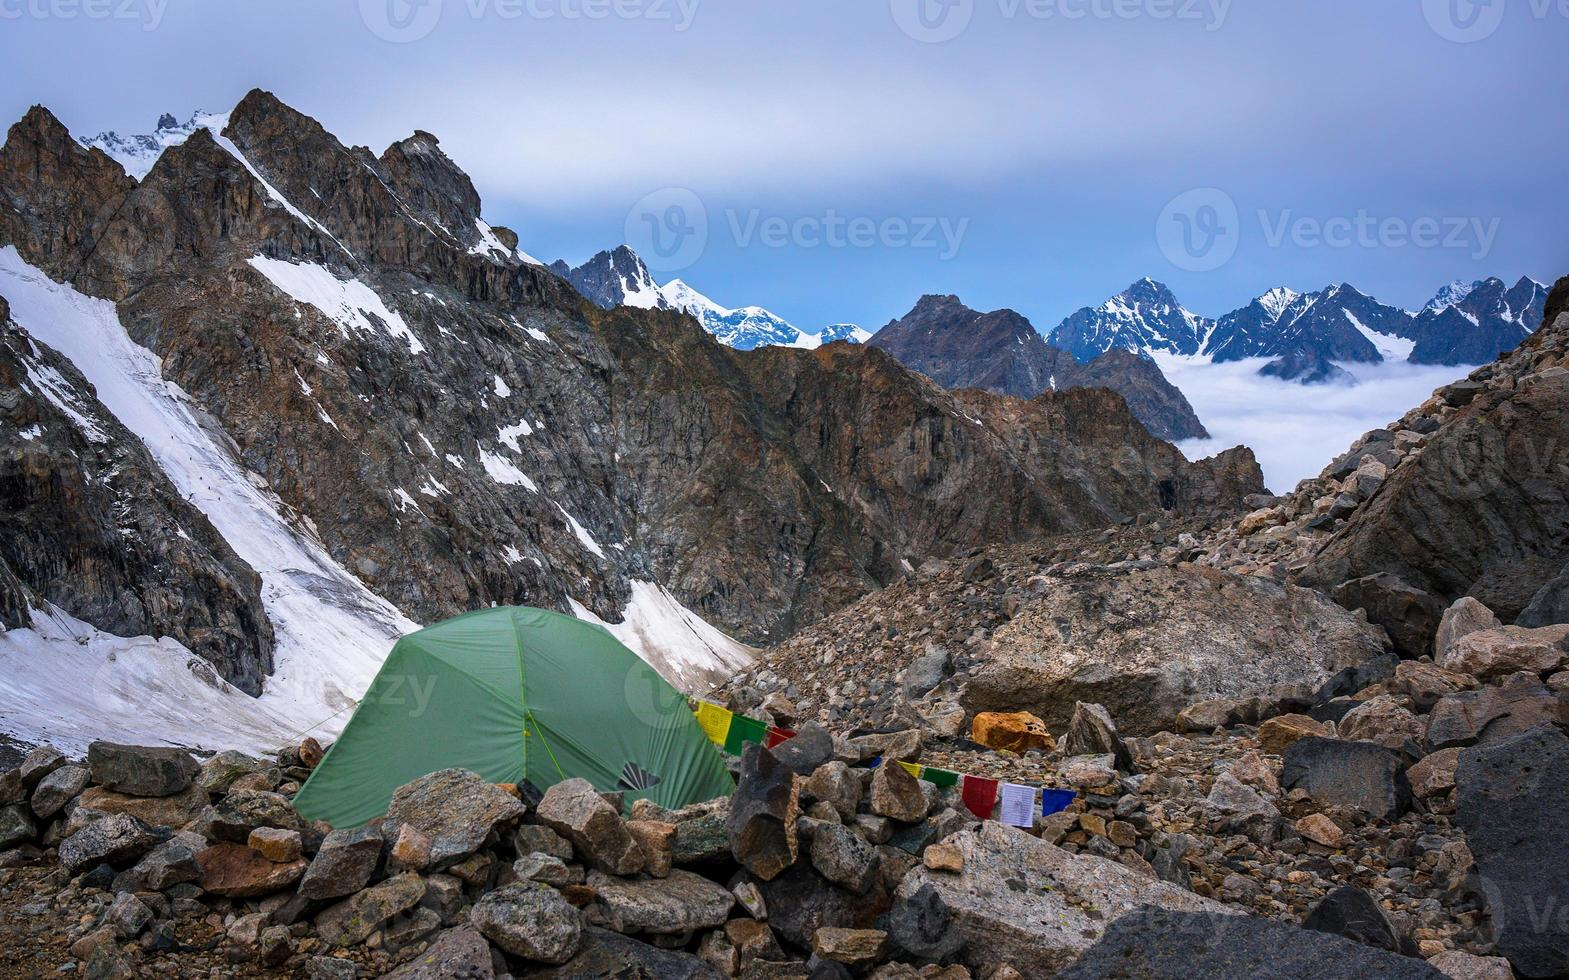 des alpinistes solitaires campent dans de très hautes montagnes enneigées à côté d'un glacier. photo